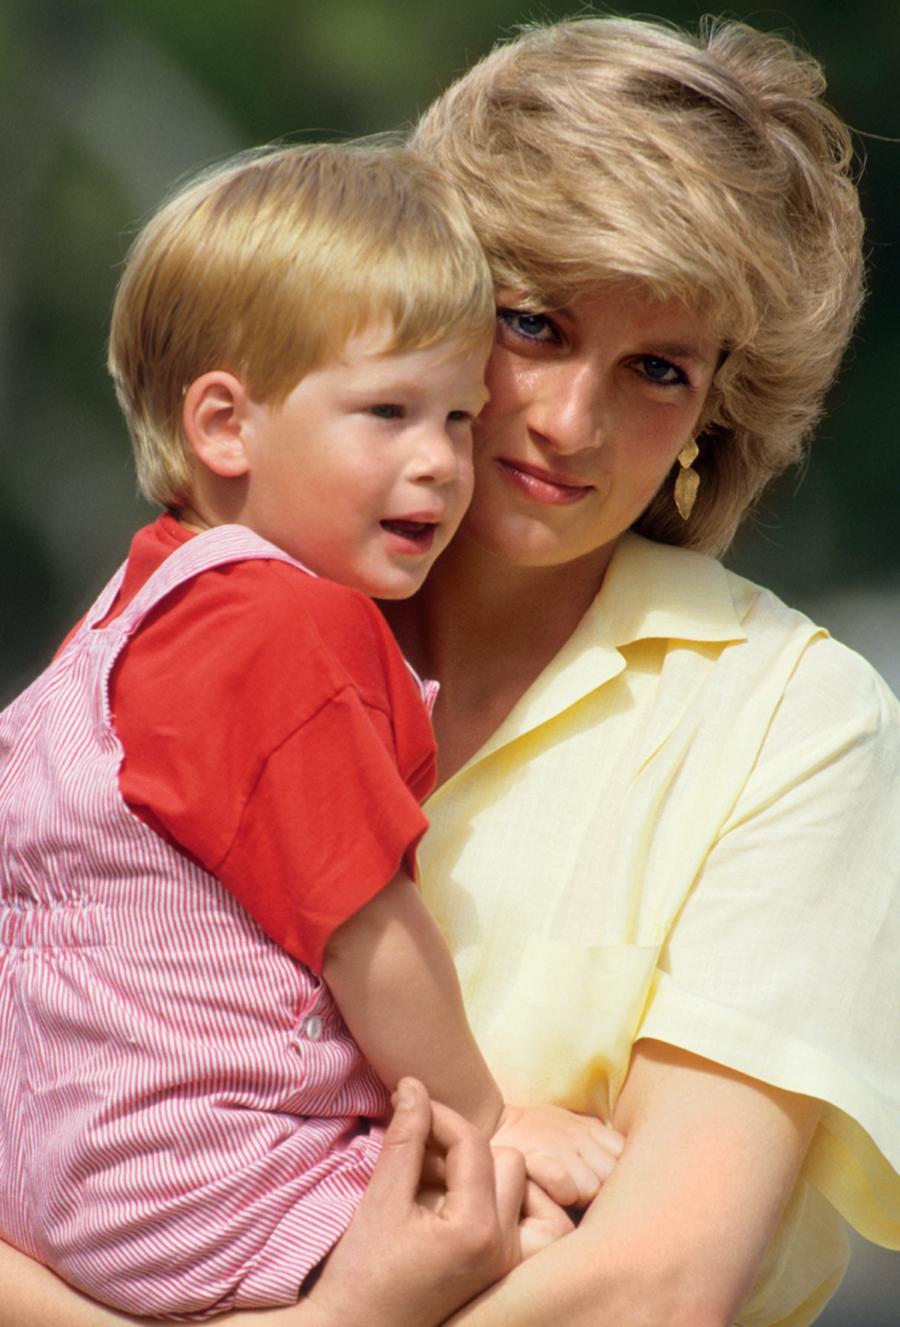 принц гарри день рождения детские фото принцесса диана